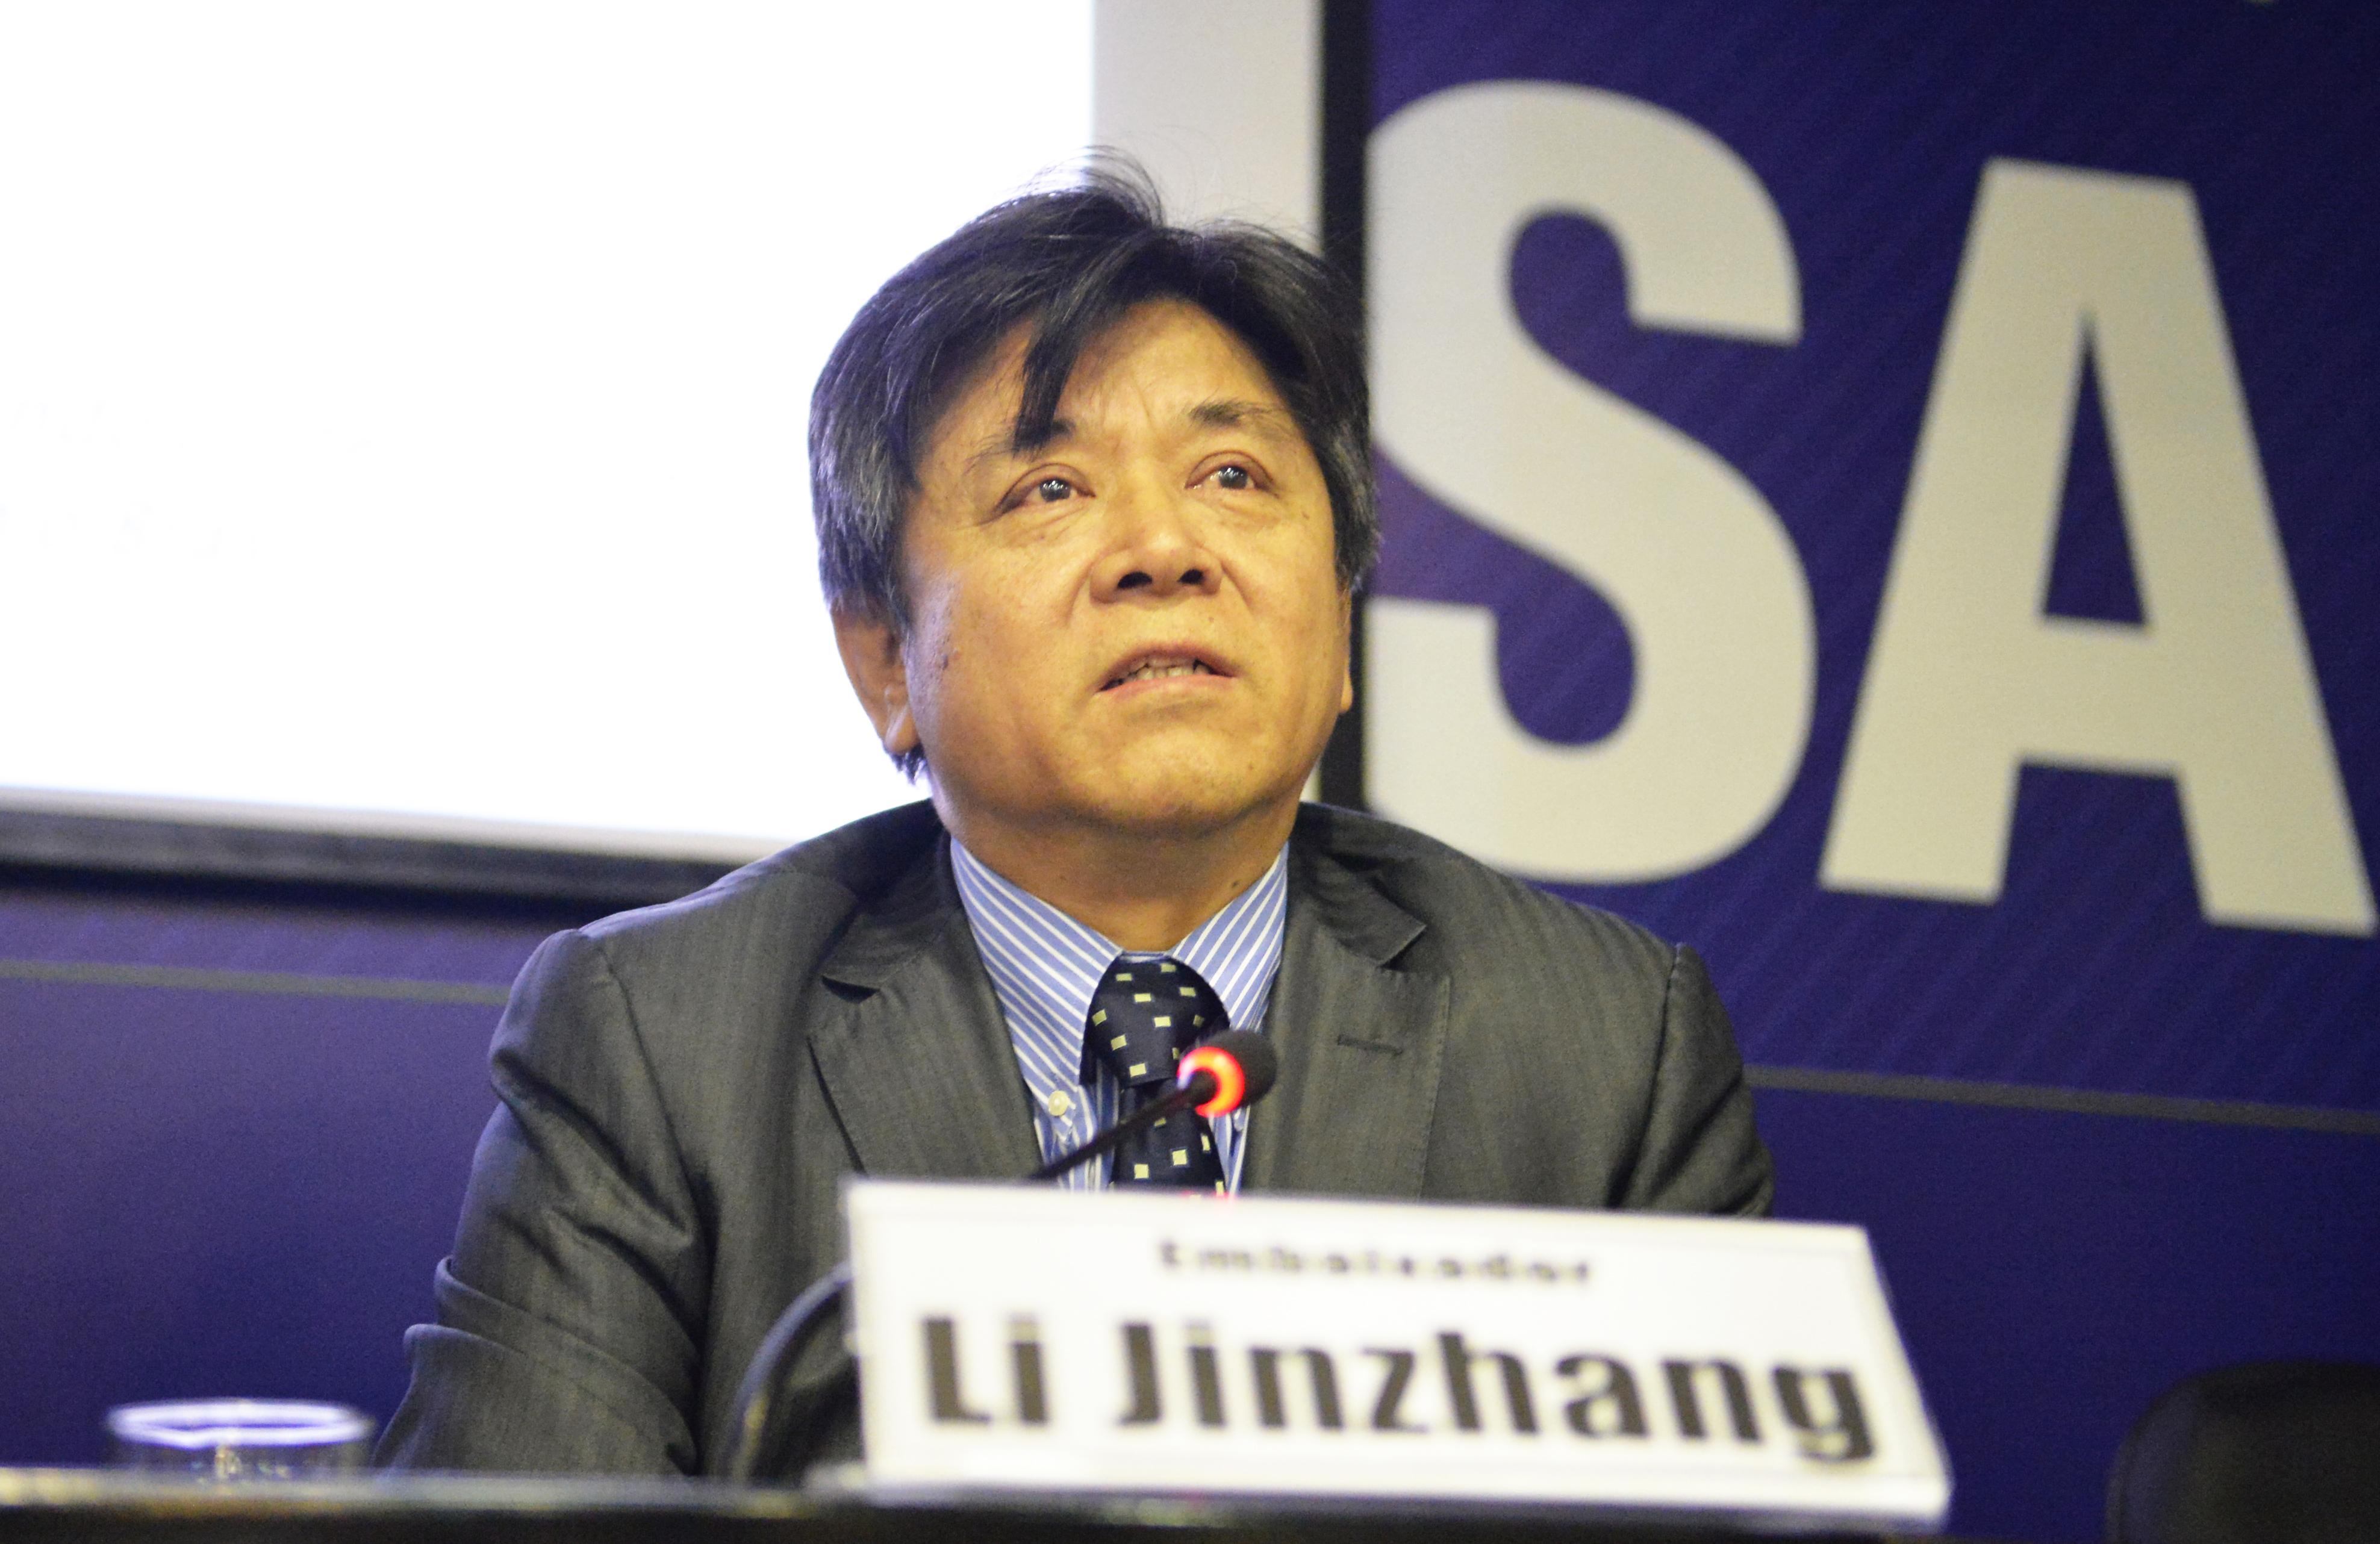 Embaixador da China no Brasil Participa de Ciclo de Debates em Brasília